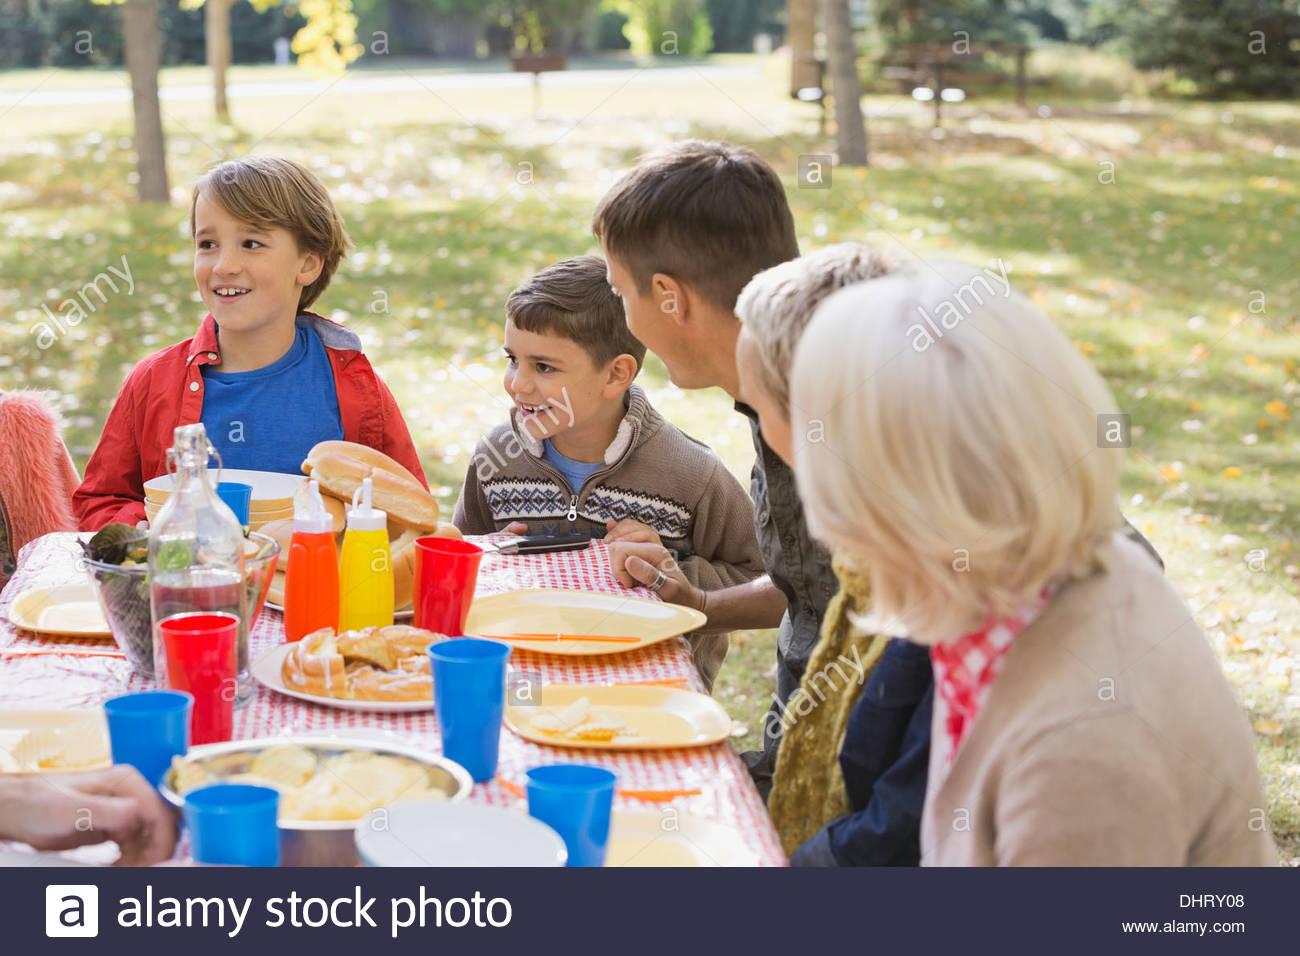 Famiglia godendo picnic nel parco Immagini Stock